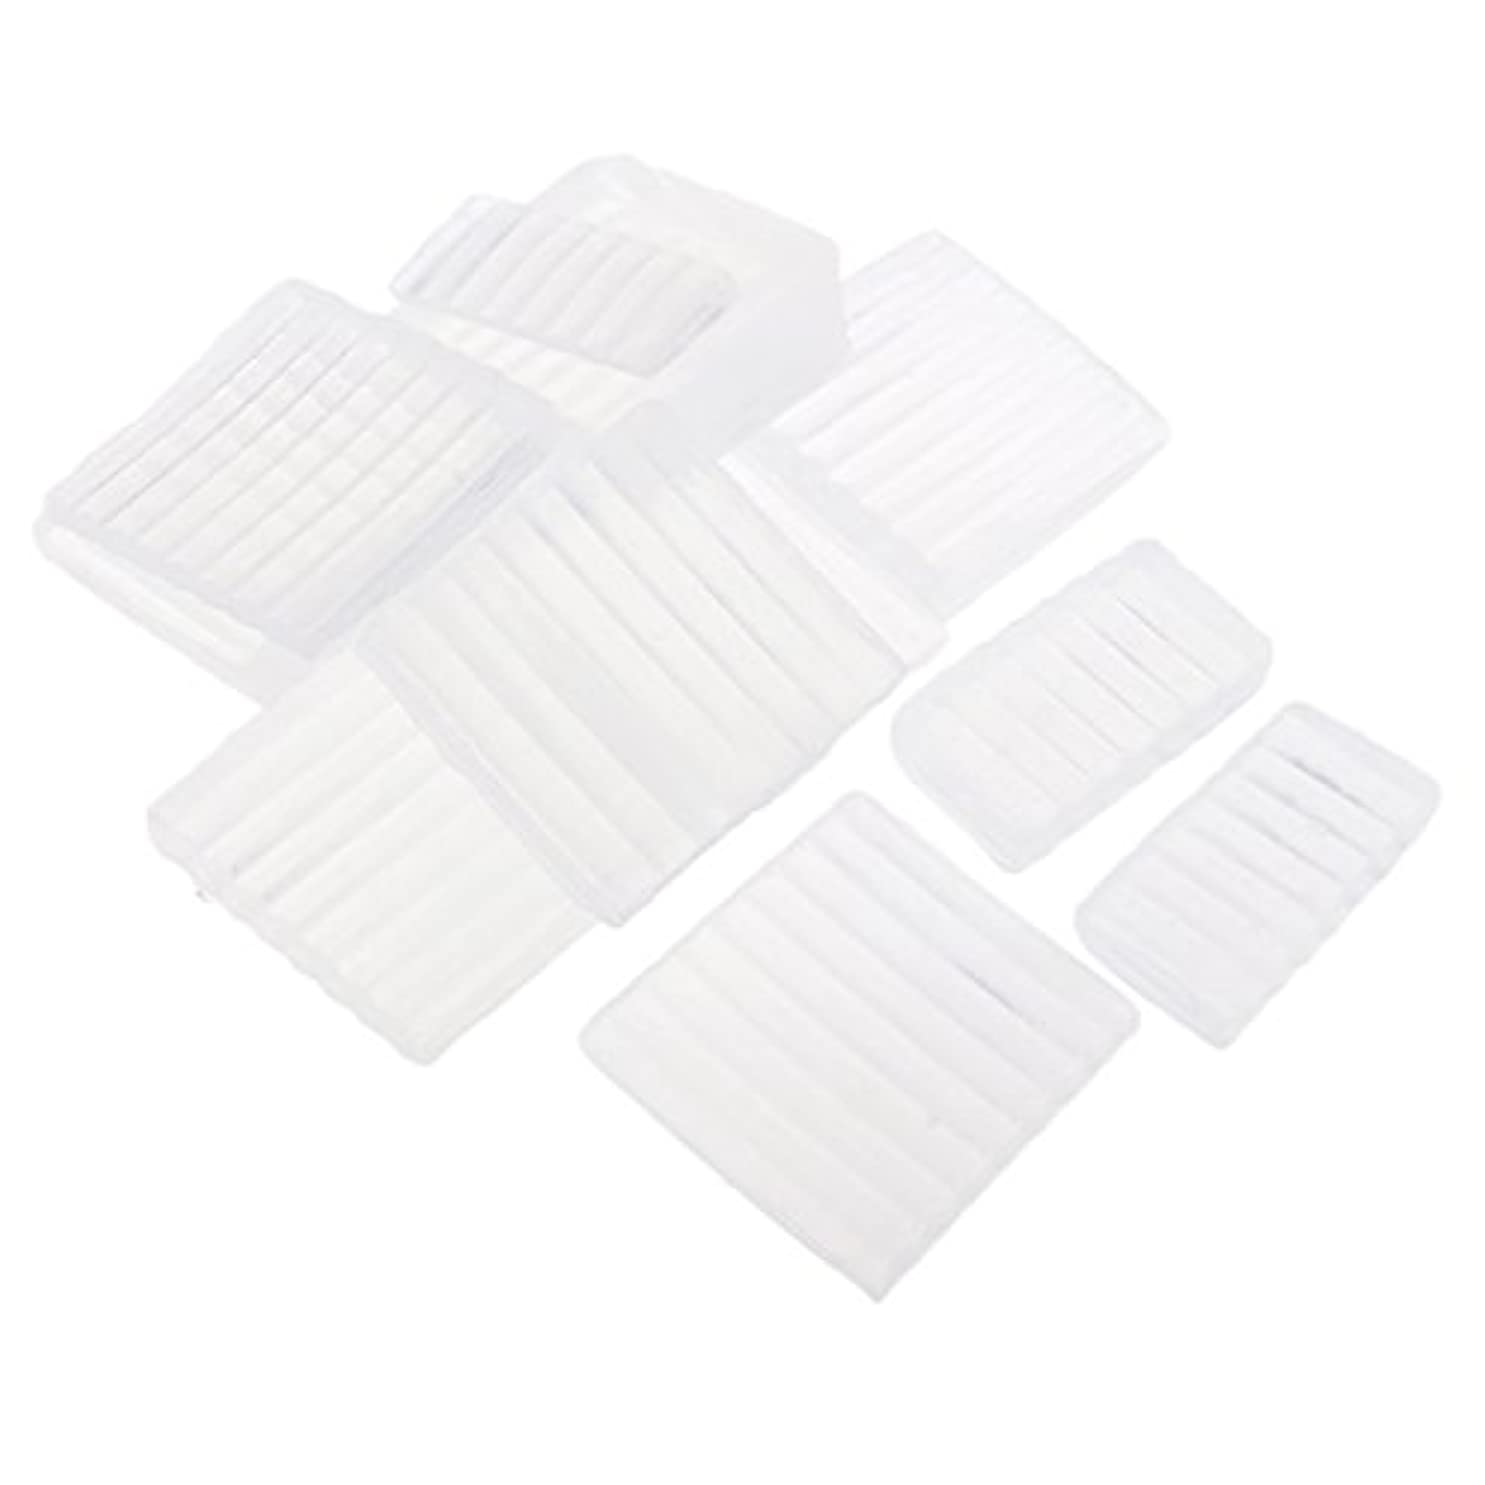 悪意現象支配するSharplace 透明 石鹸ベース せっけん DIY 手作り 石鹸作り 材料 白い石鹸ベース